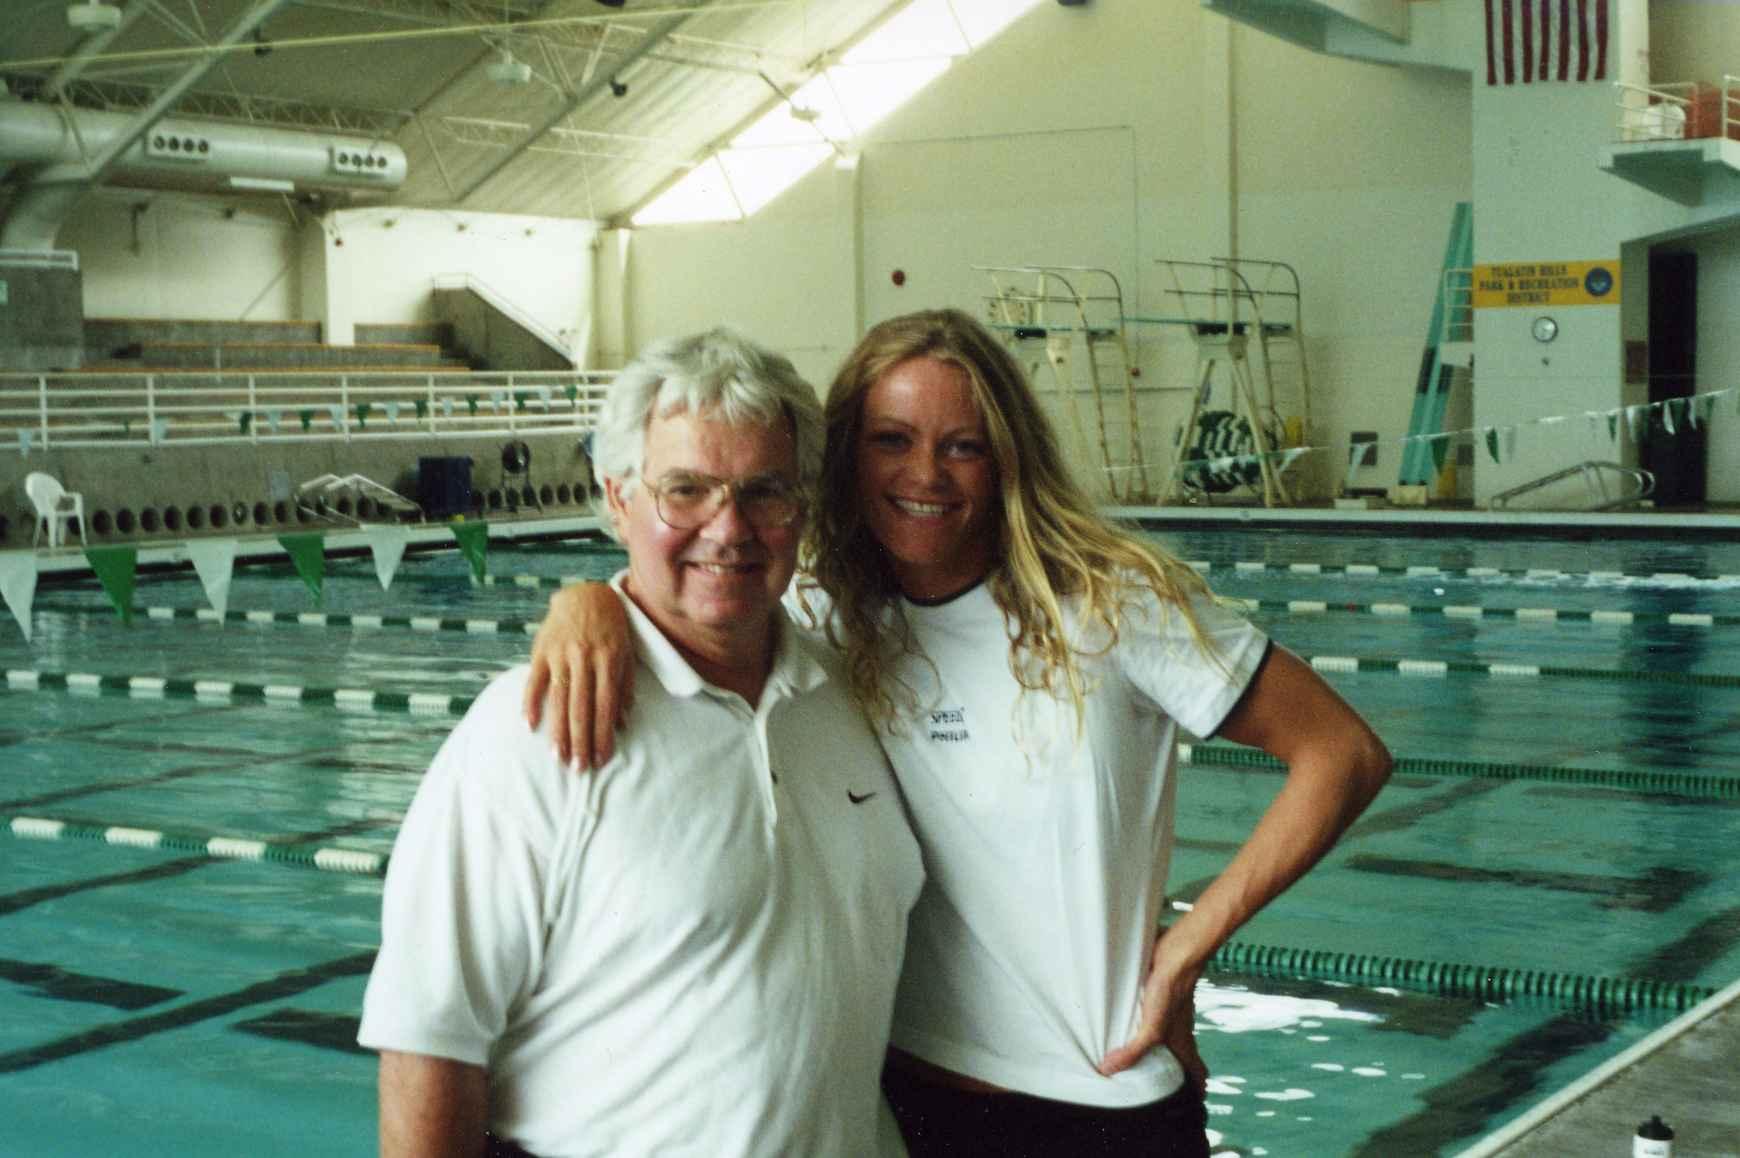 Coach Paul Bergan